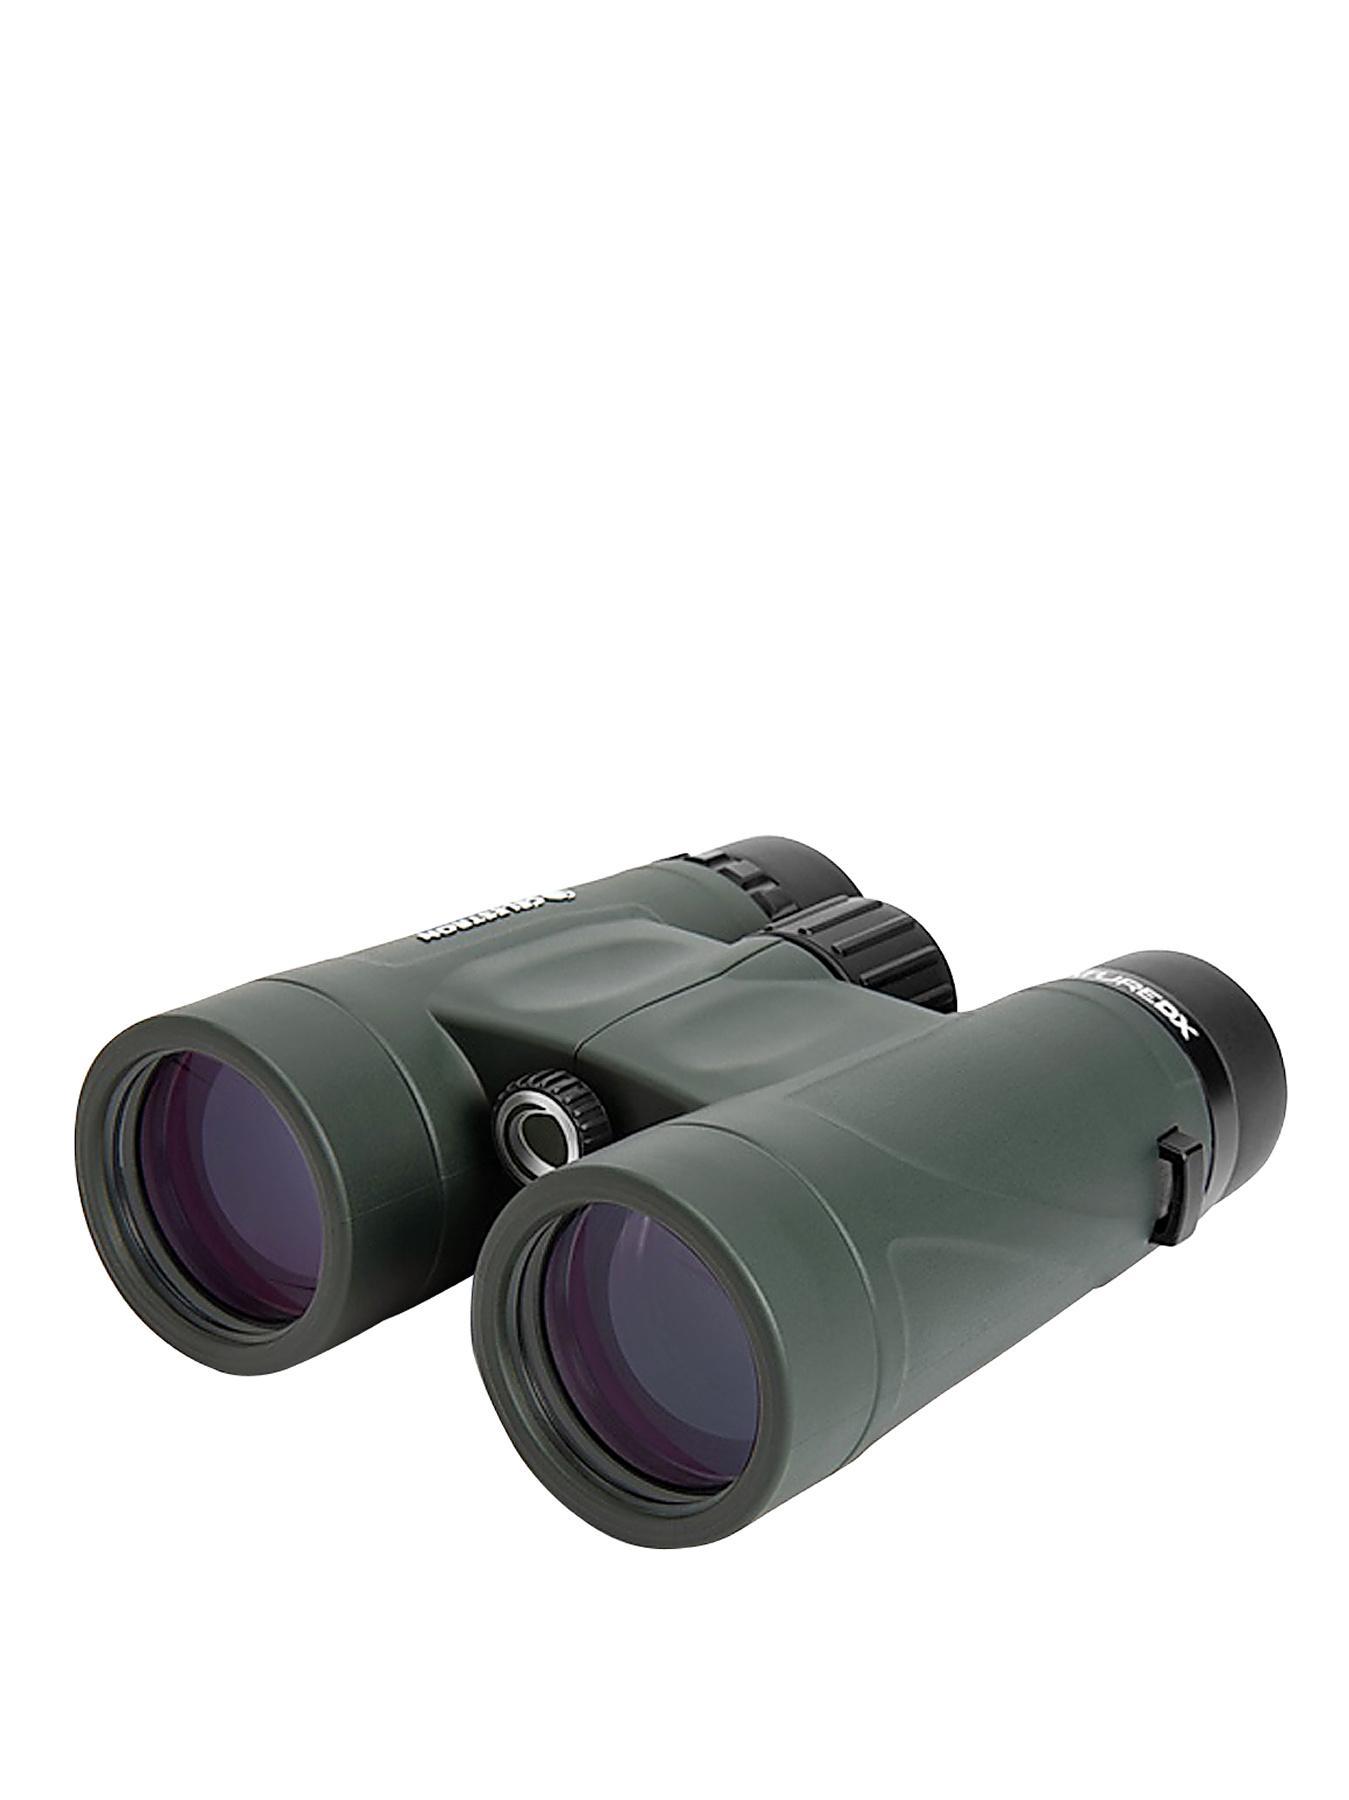 HAMA Celestron Nature DX 8x42 Binoculars